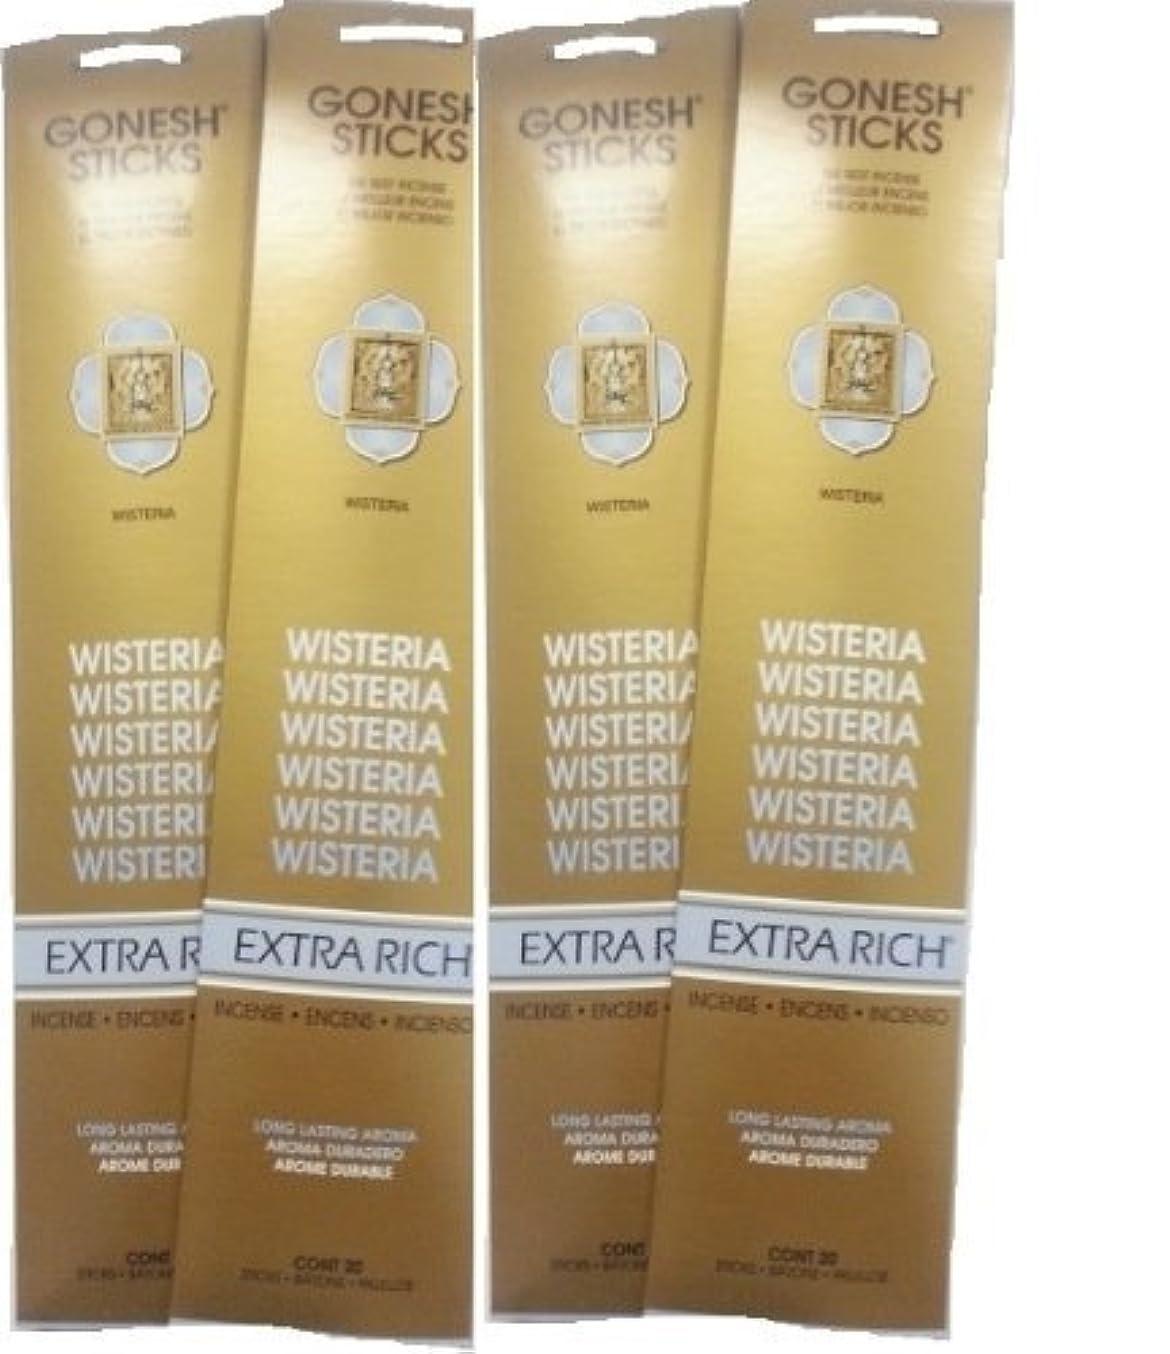 肯定的楽しい進化するGonesh Incense Sticks - Wisteria lot of 4 by Gonesh